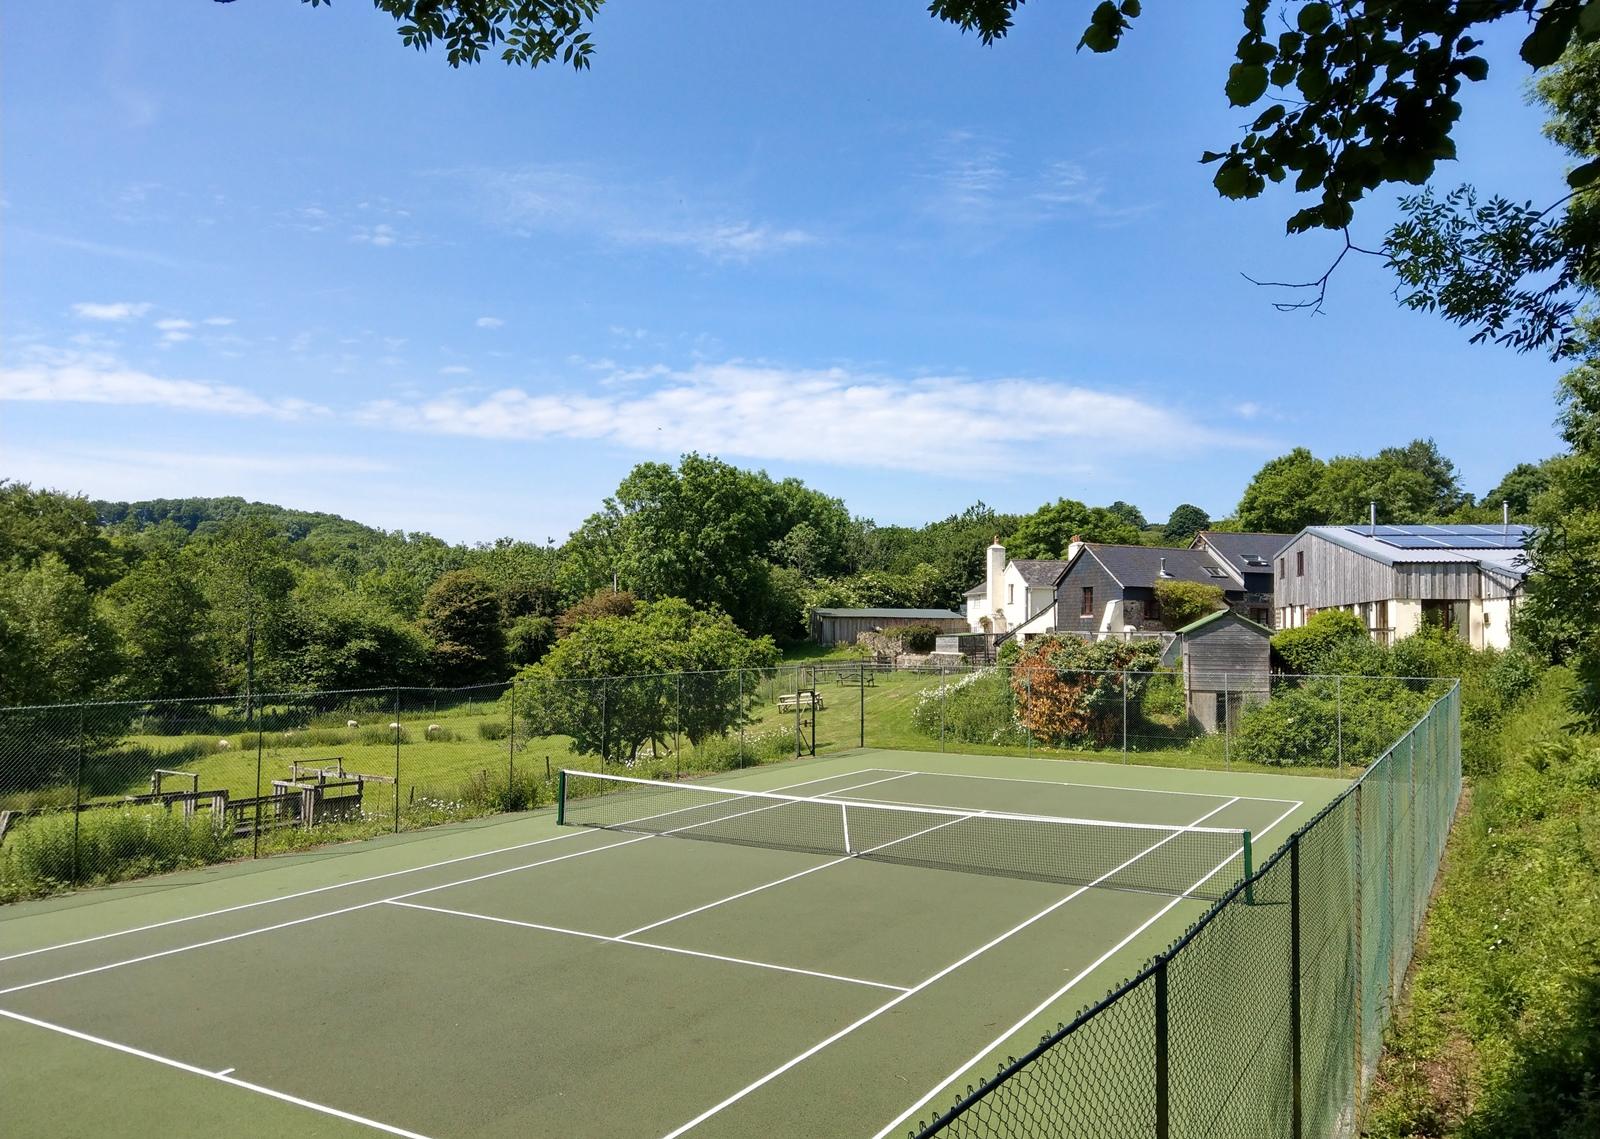 Tenniscourt2.jpg